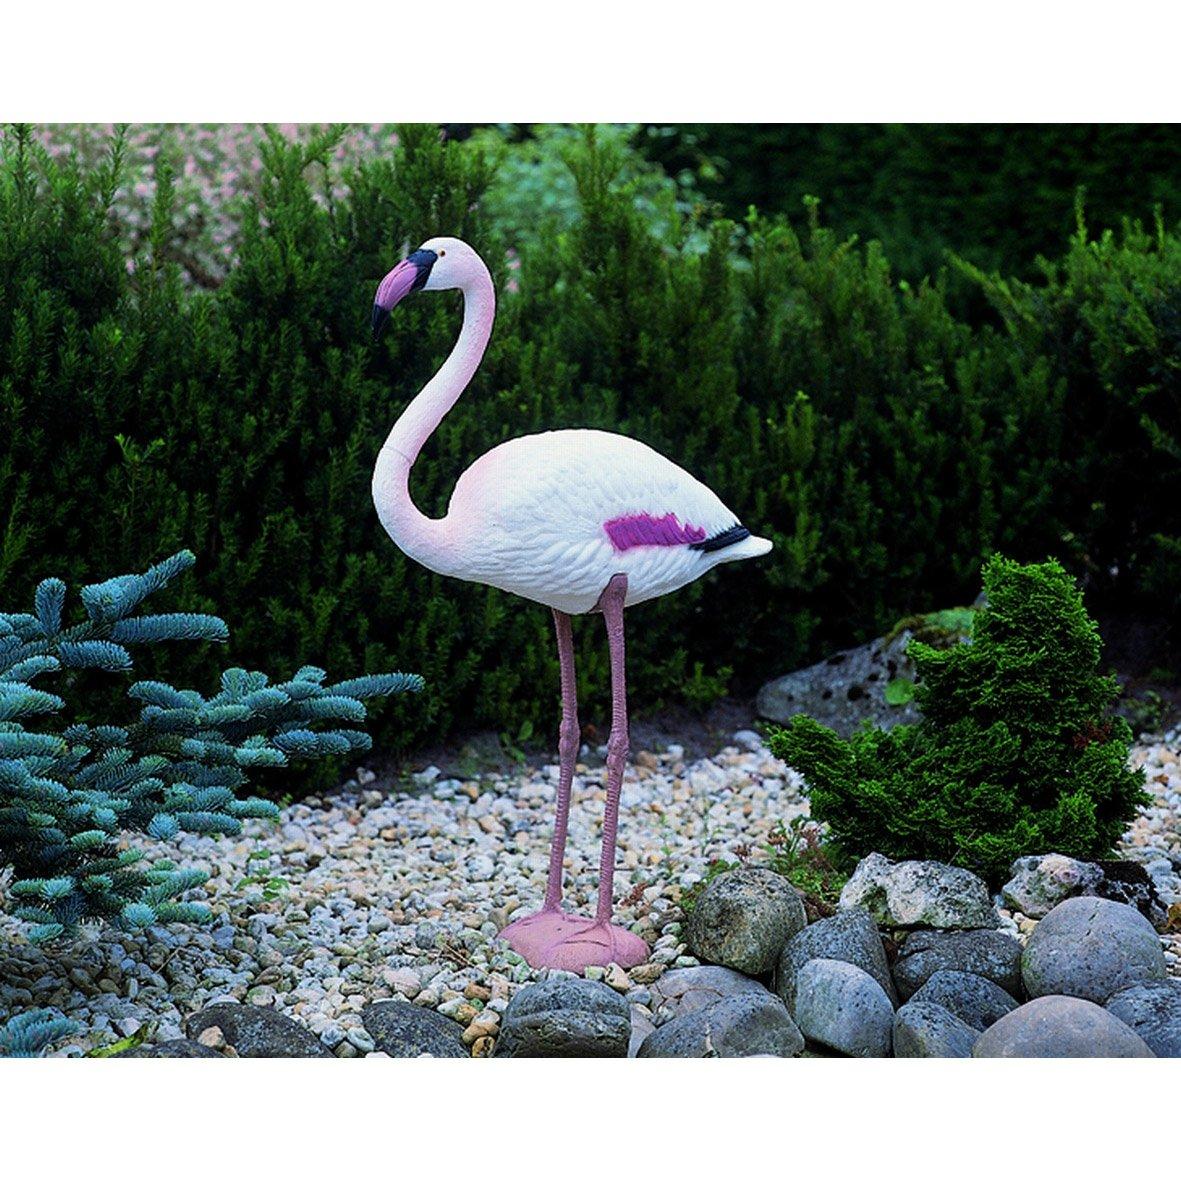 Accessoire Salle De Bain Flamant Rose ~ flamant rose plastique ubbink leroy merlin